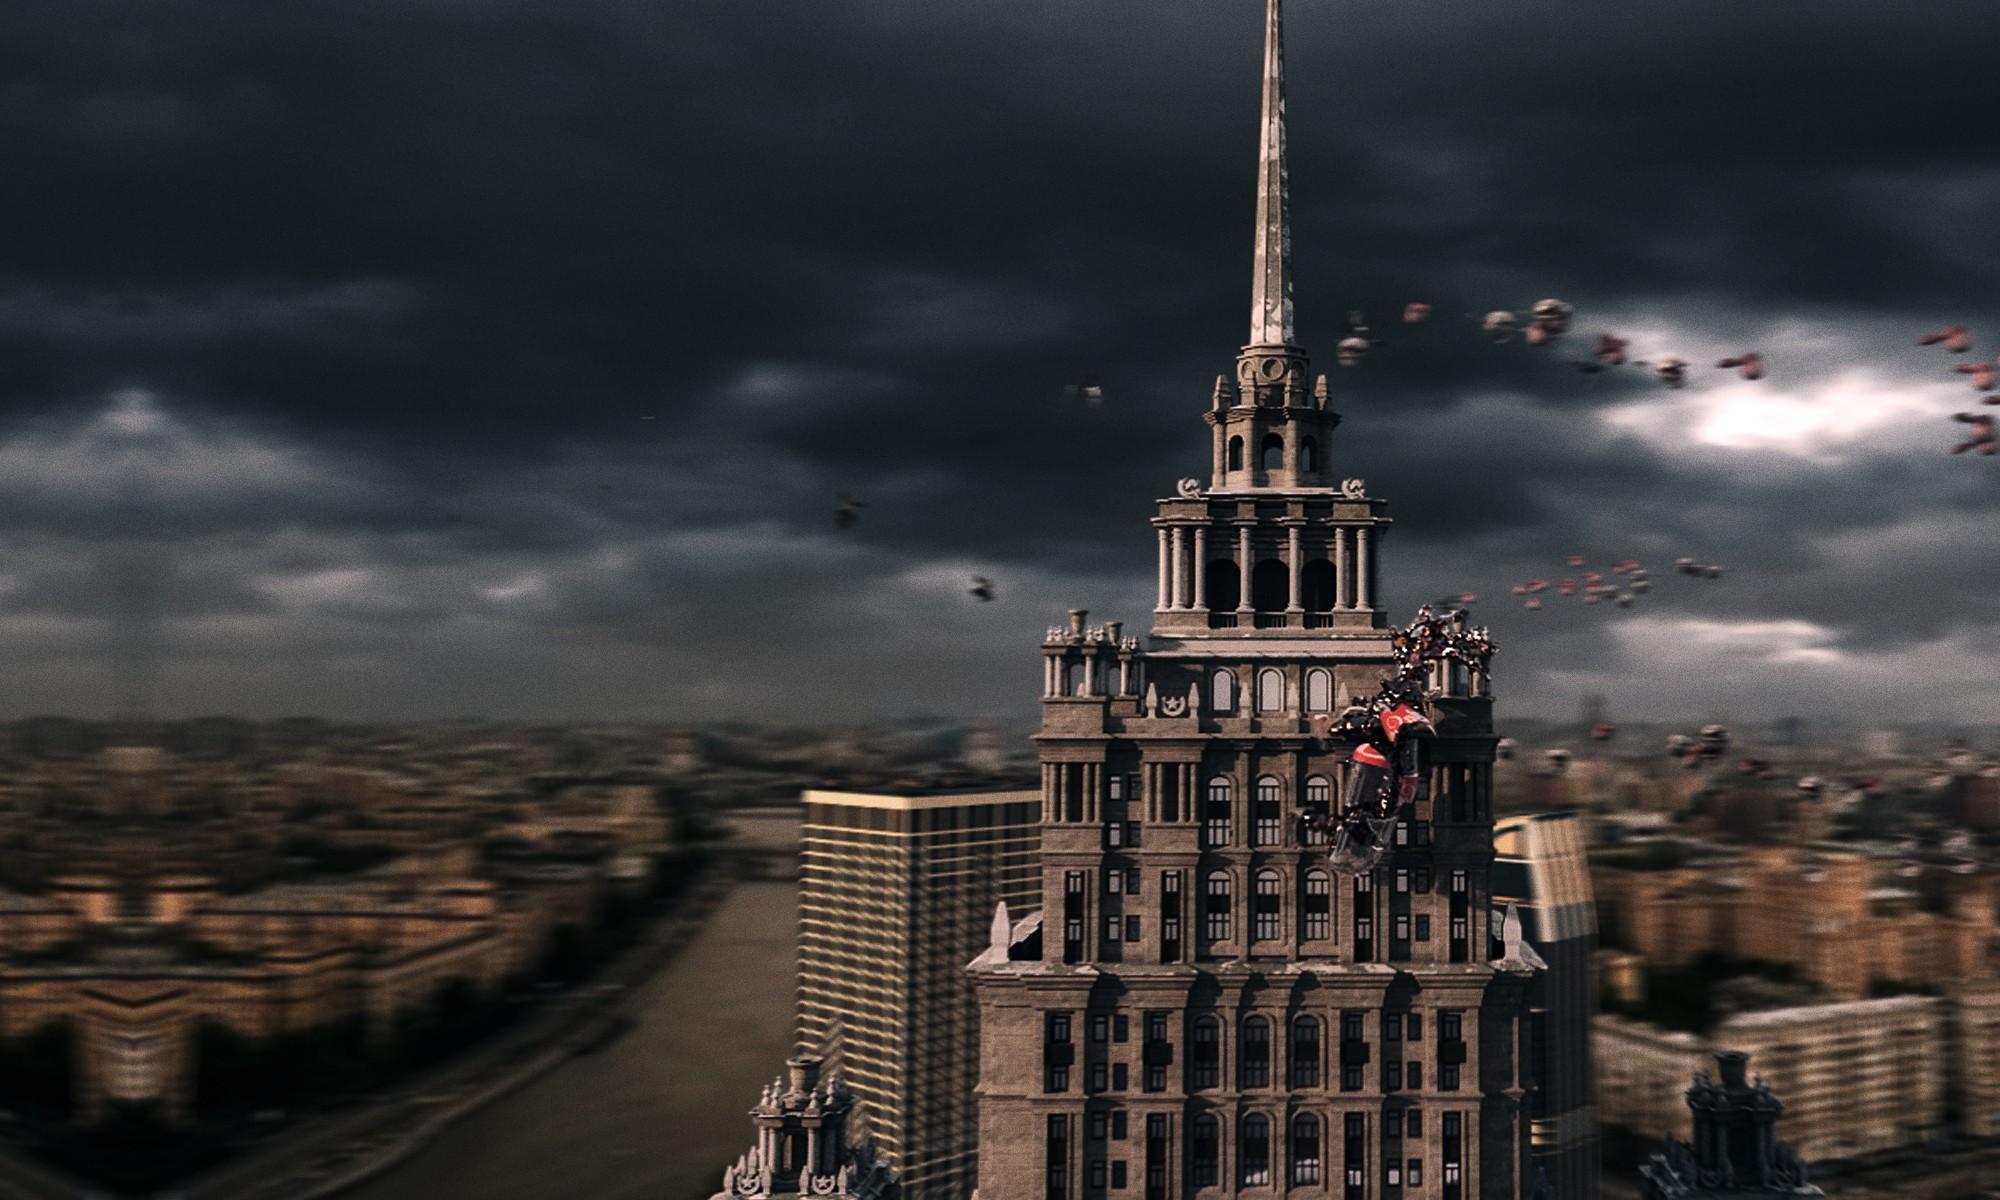 промо-слайды Москва 2017